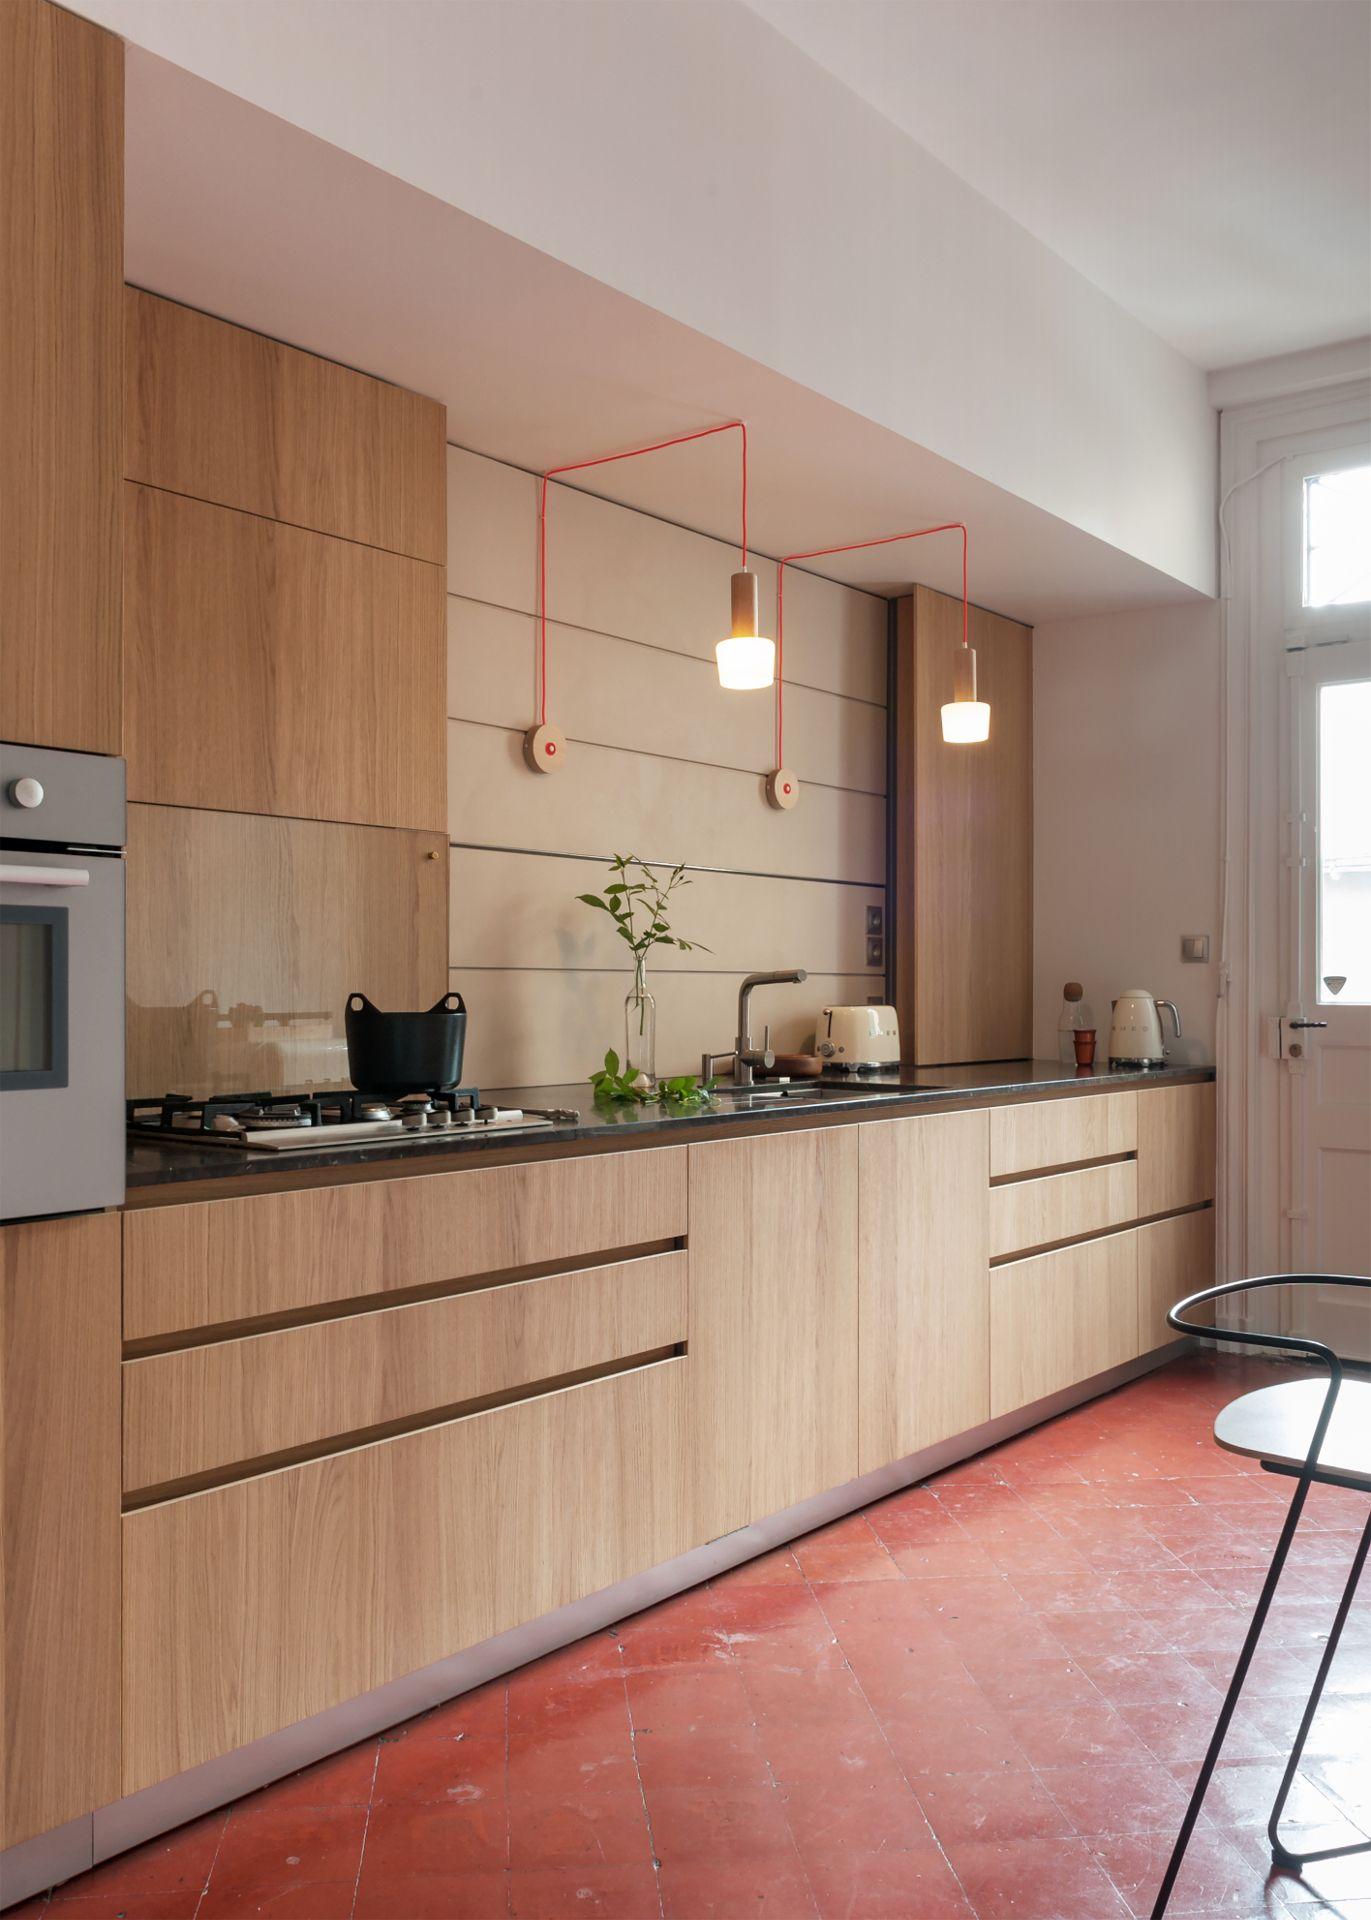 Cuisine Rue De La Bastille Nantes By Kopo Credit Photo Germain Herriau Fournisseur De Meuble Modulnova Luminaire Valerie Menue Home Room Divider Home Decor